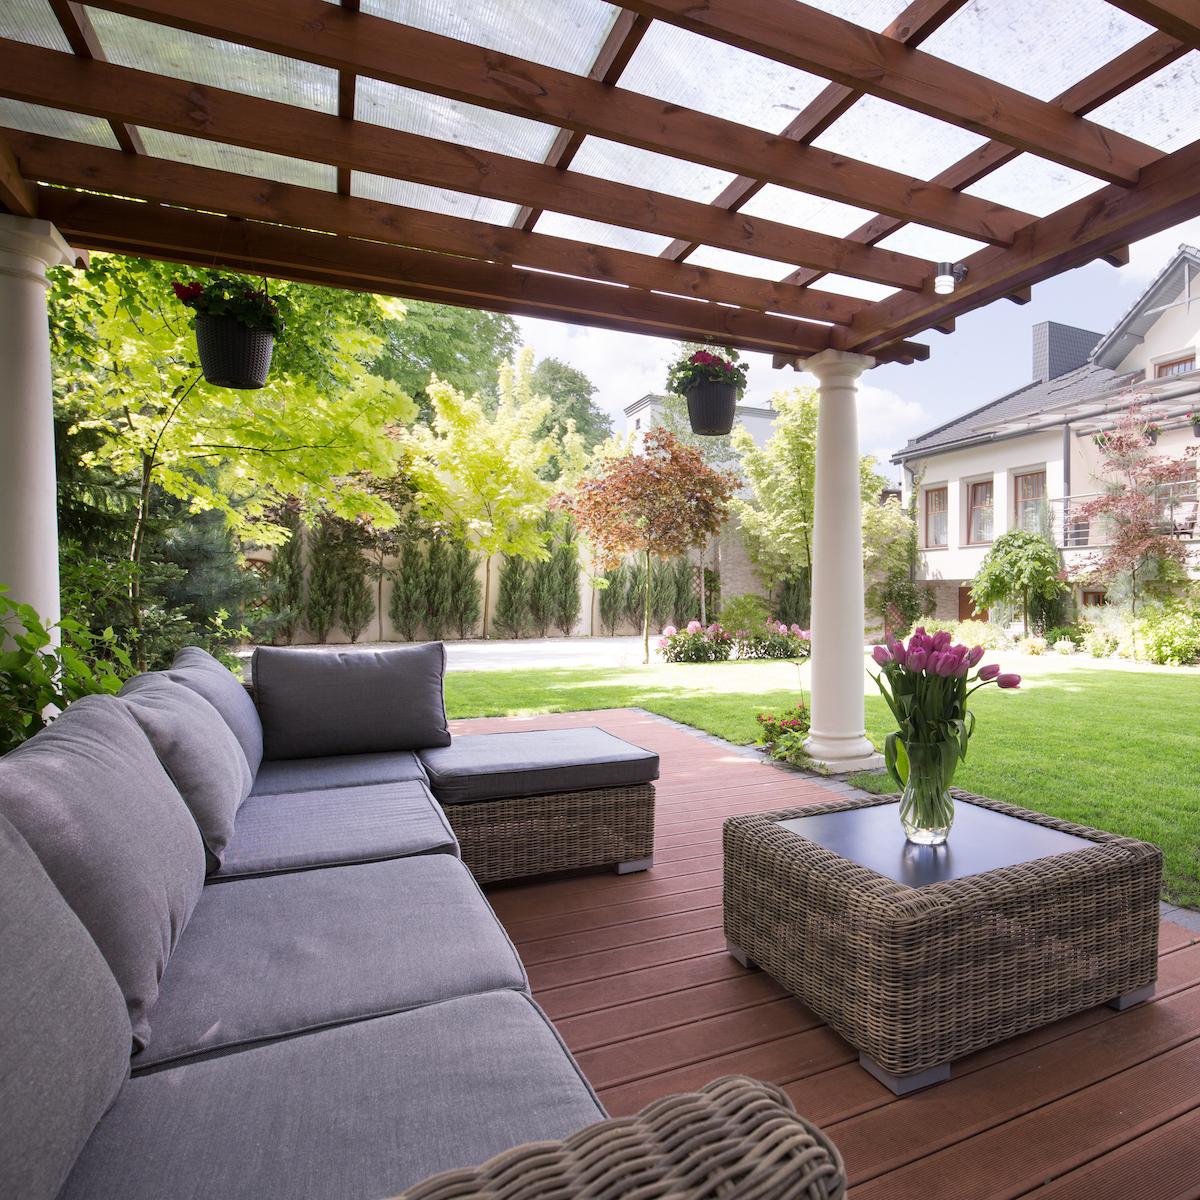 luxury-garden-furniture-PZJMKDP.jpg